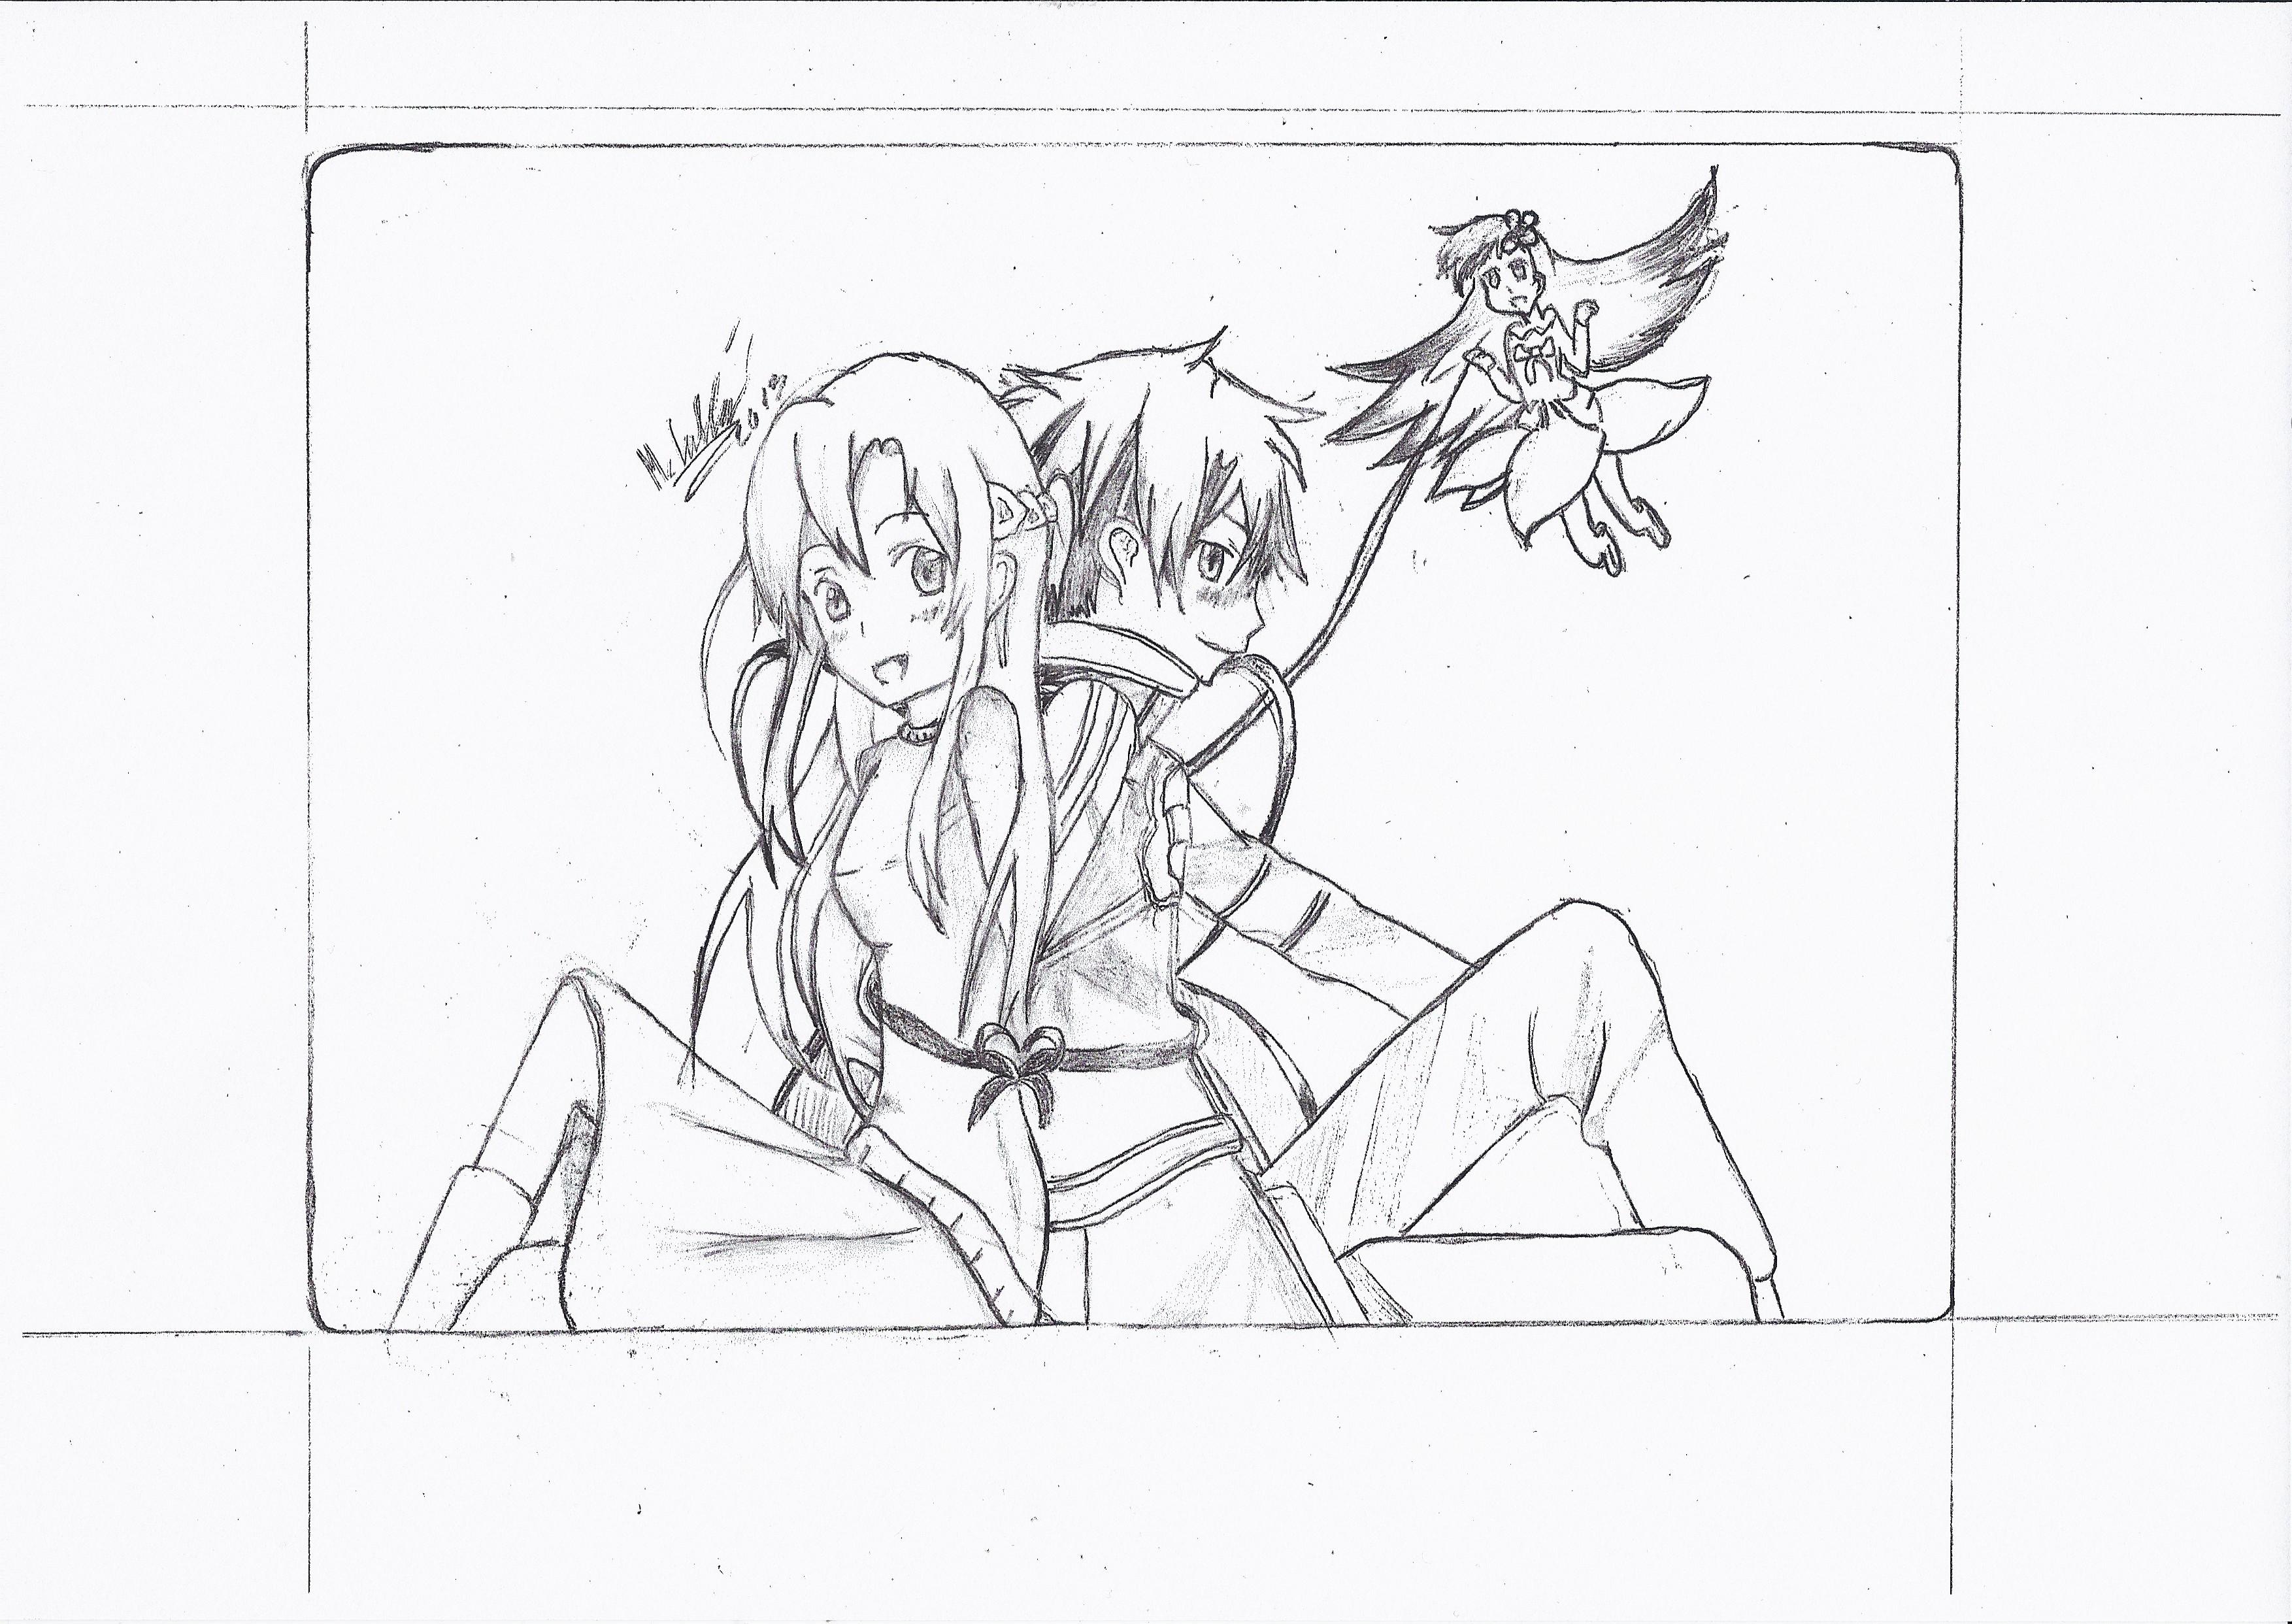 kirito and asuna coloring pages - kirito sword art online pencil coloring pages